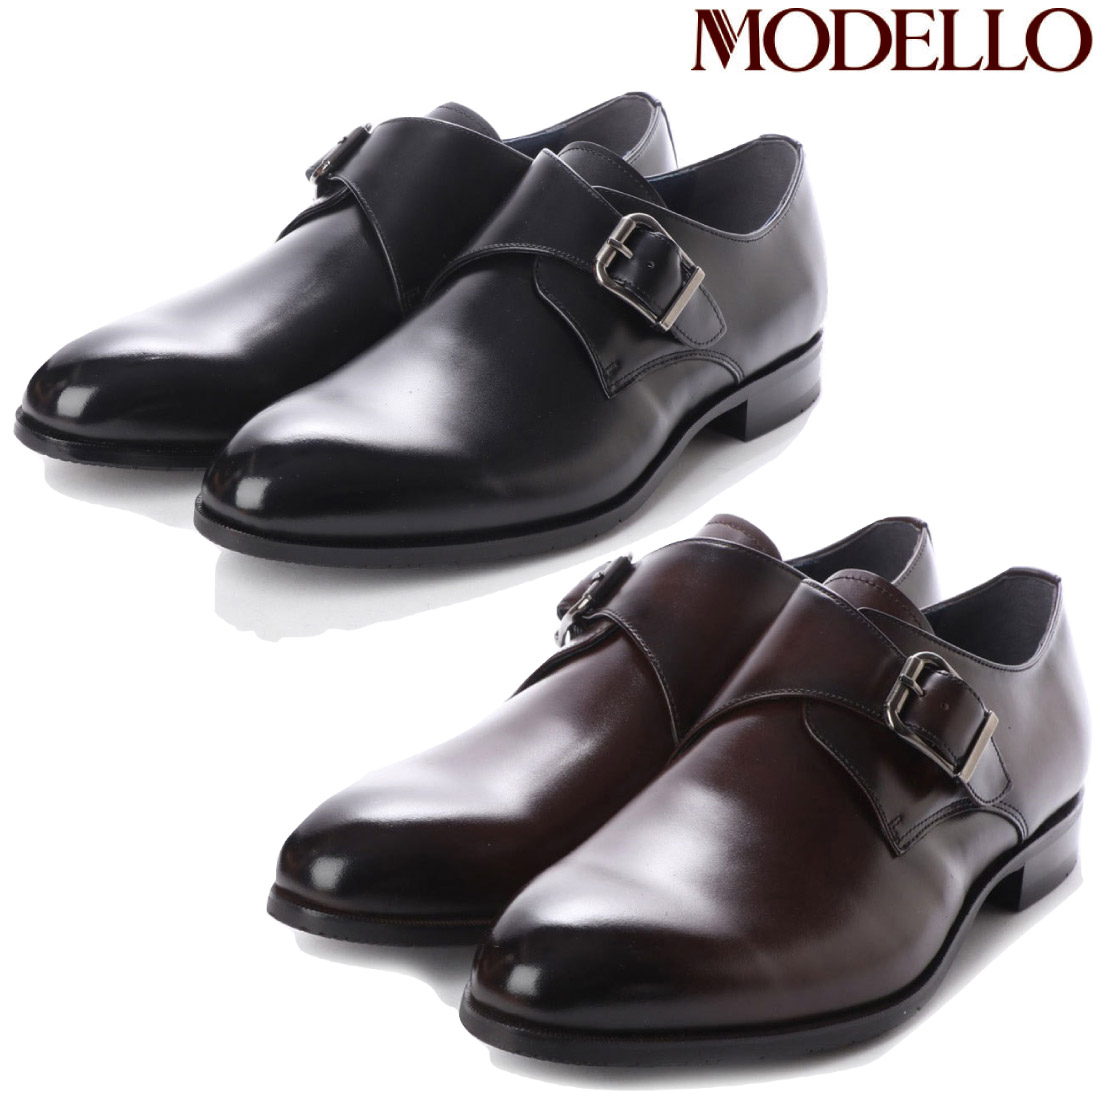 モデロ MODELLO モンクストラップ ビジネスシューズ DM7027 マドラス 革靴 【nesh】 【新品】